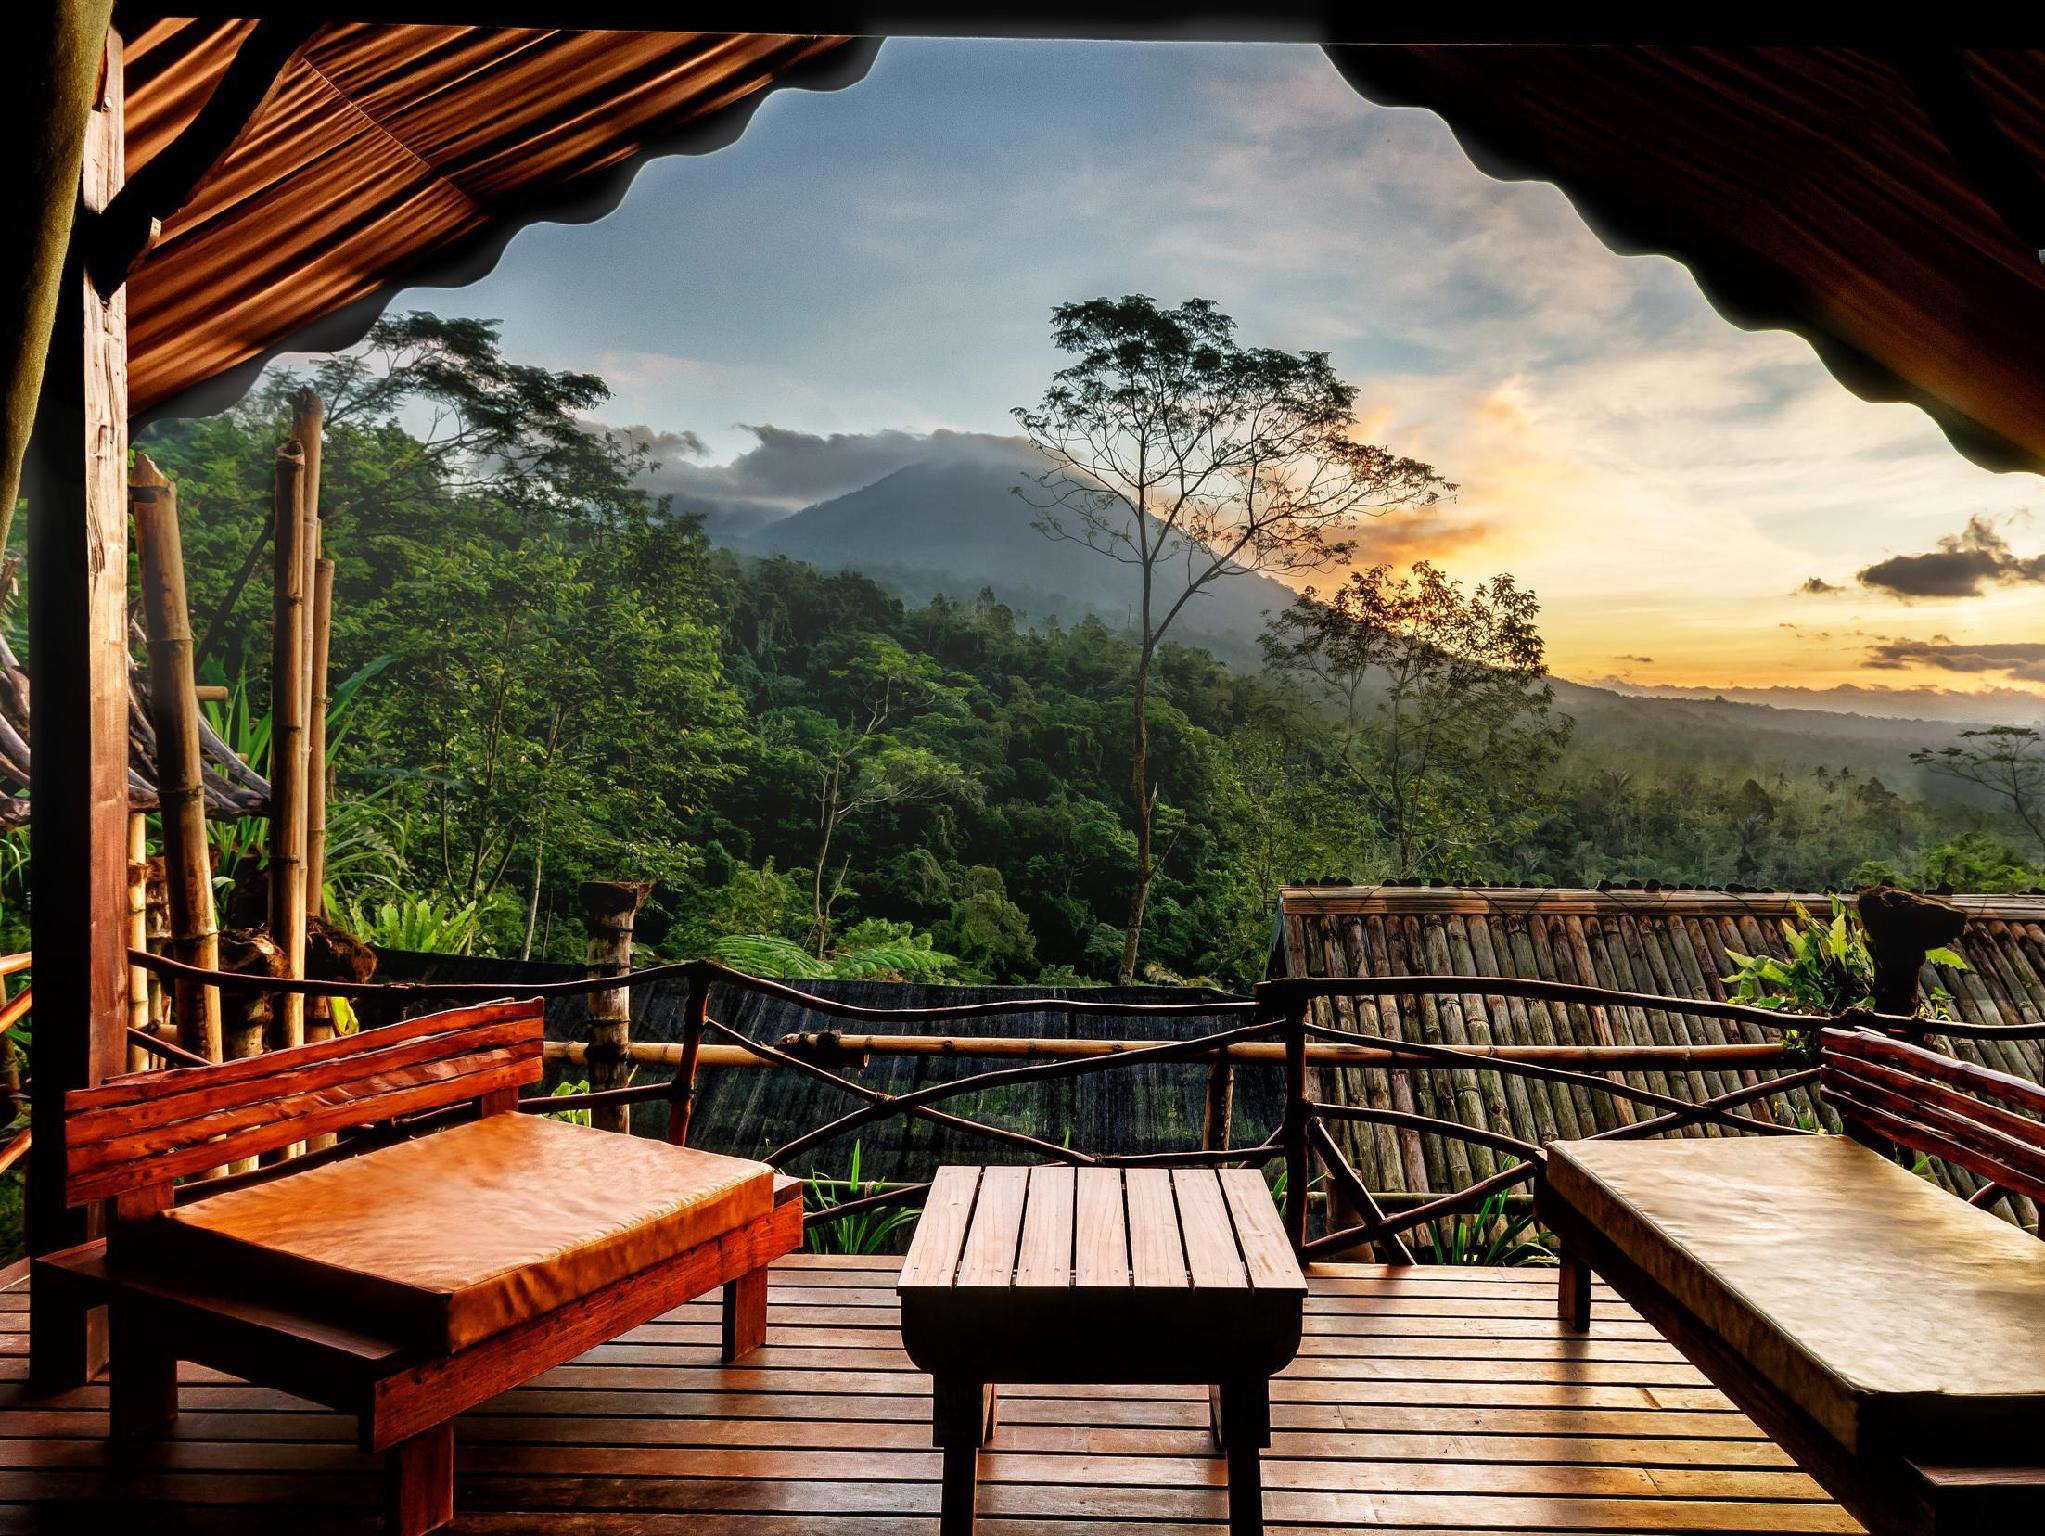 Sang Giri Mountain Tent Resort - Bali